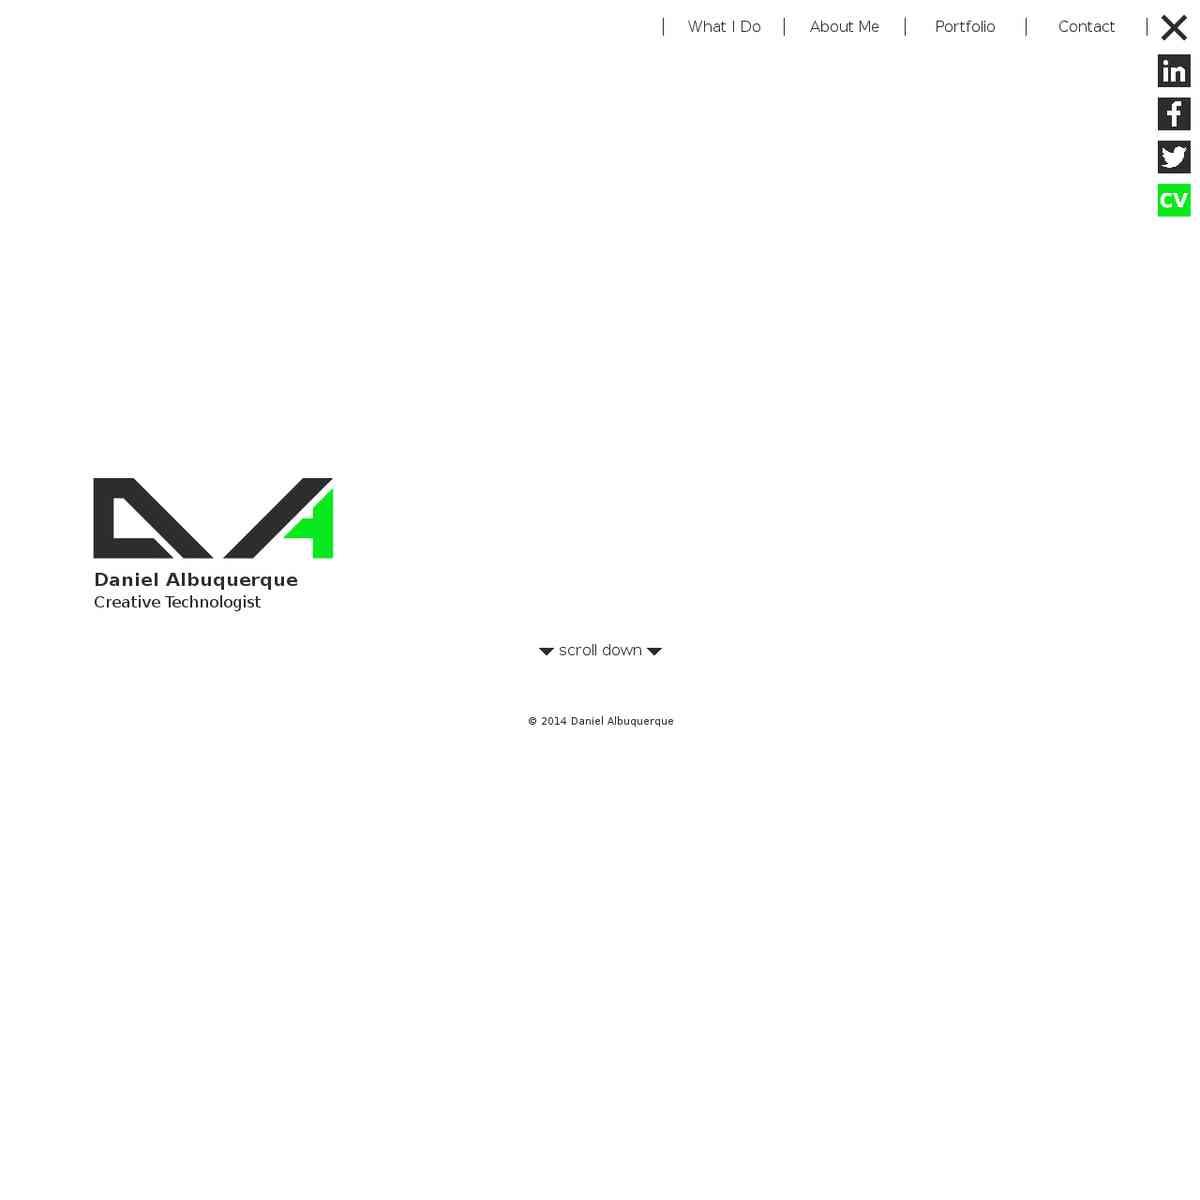 danalbuquerque.com